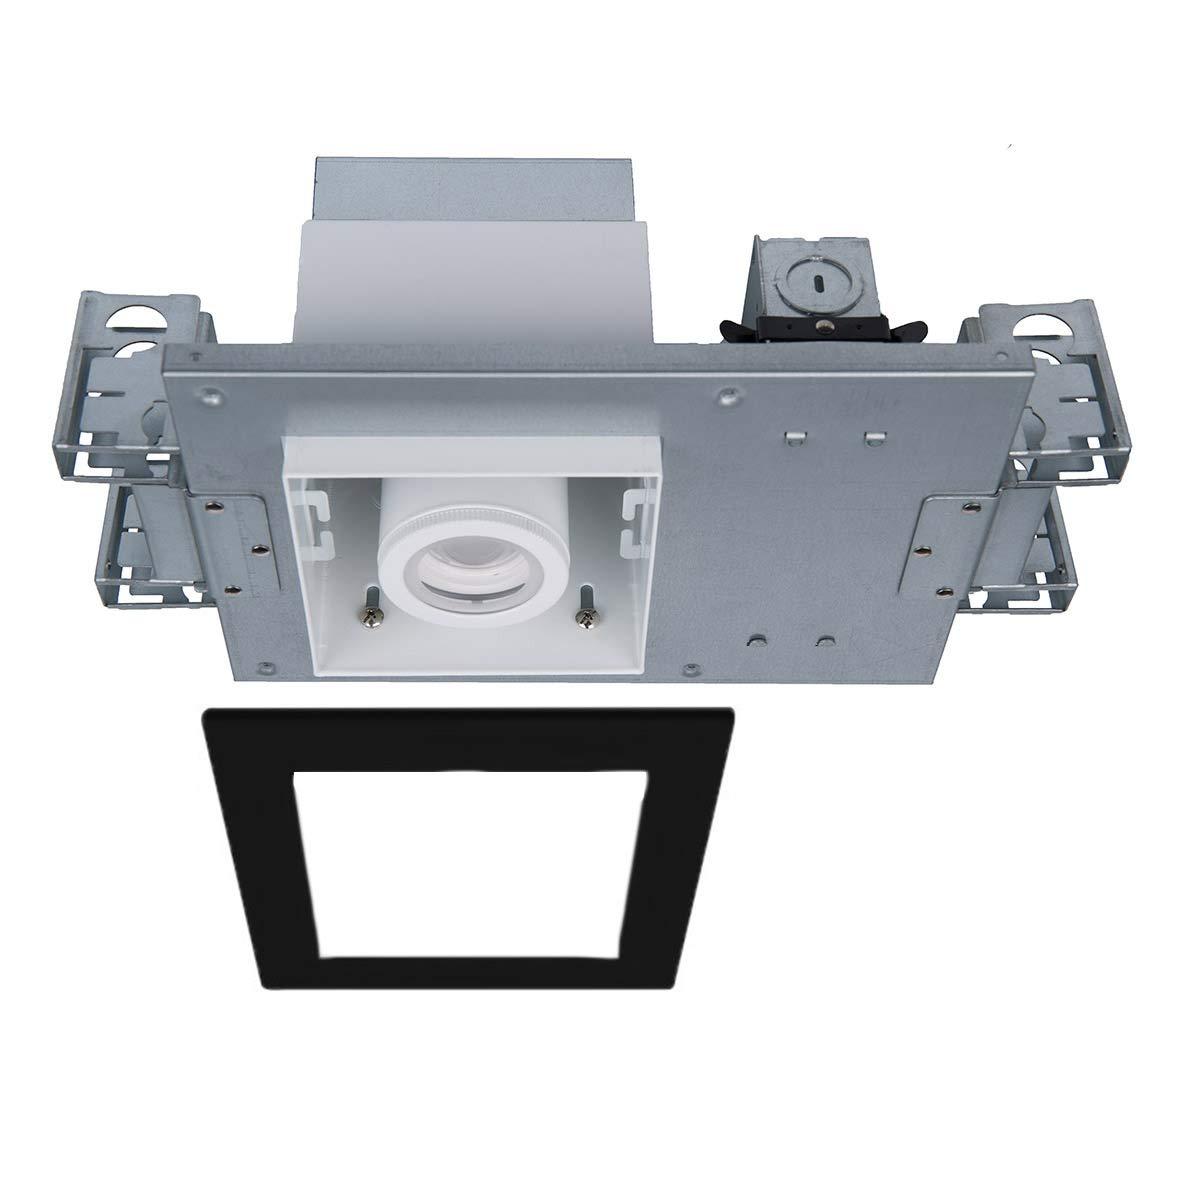 大量入荷 WAC Lighting Lighting MT-4110T-935-WTBK WAC B07HGVK94D Silo 複数のシングル構造IC定格気密ライトエンジンハウジング&LED、ホワイトブラック B07HGVK94D, スワローキッチン:430cd8e2 --- itourtk.ru